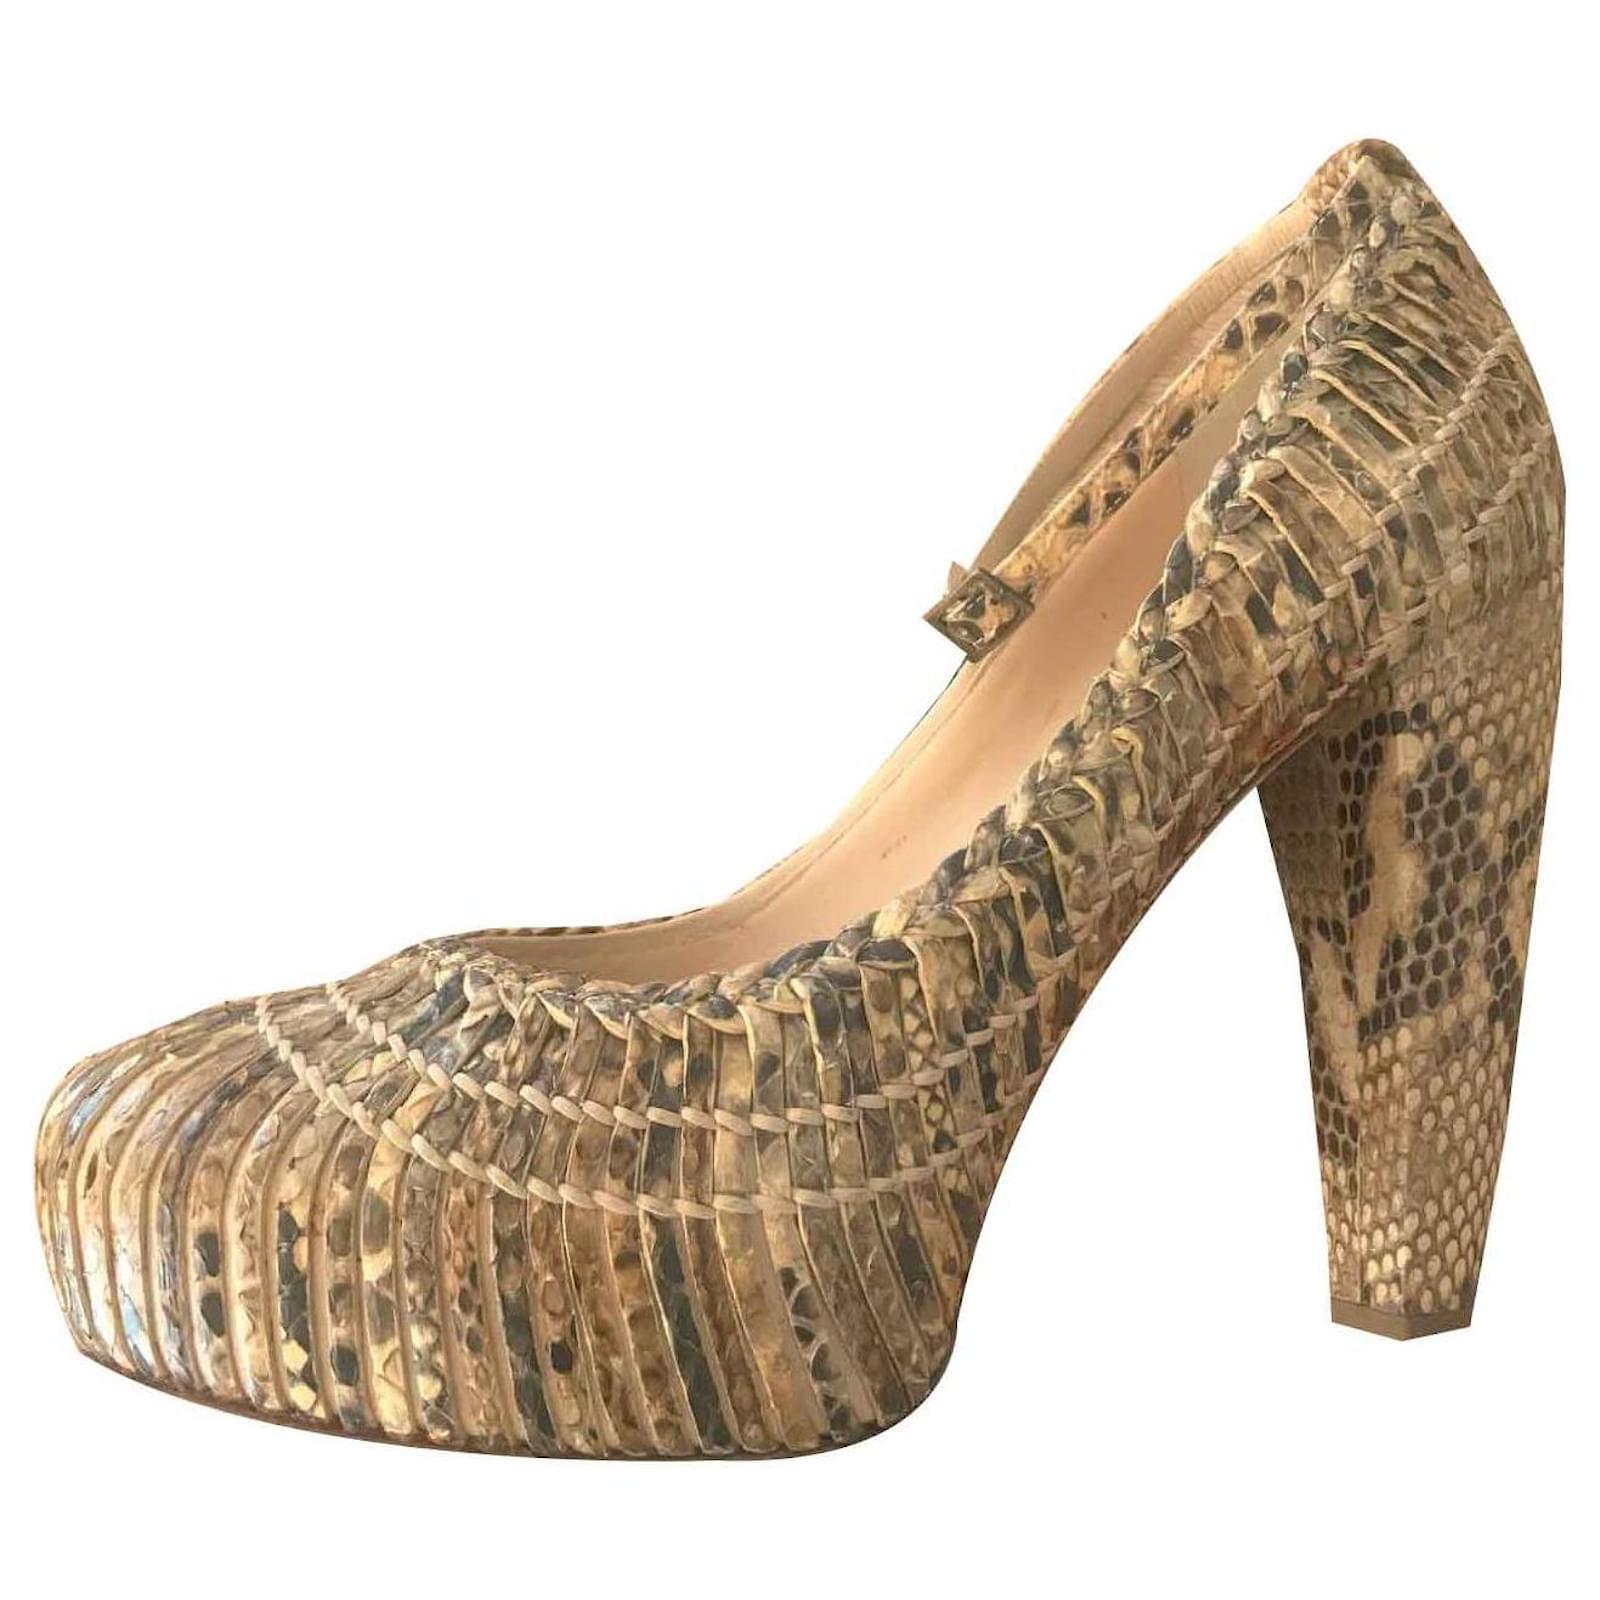 Dior DIOR SKIN PYTHON PUMPS Heels